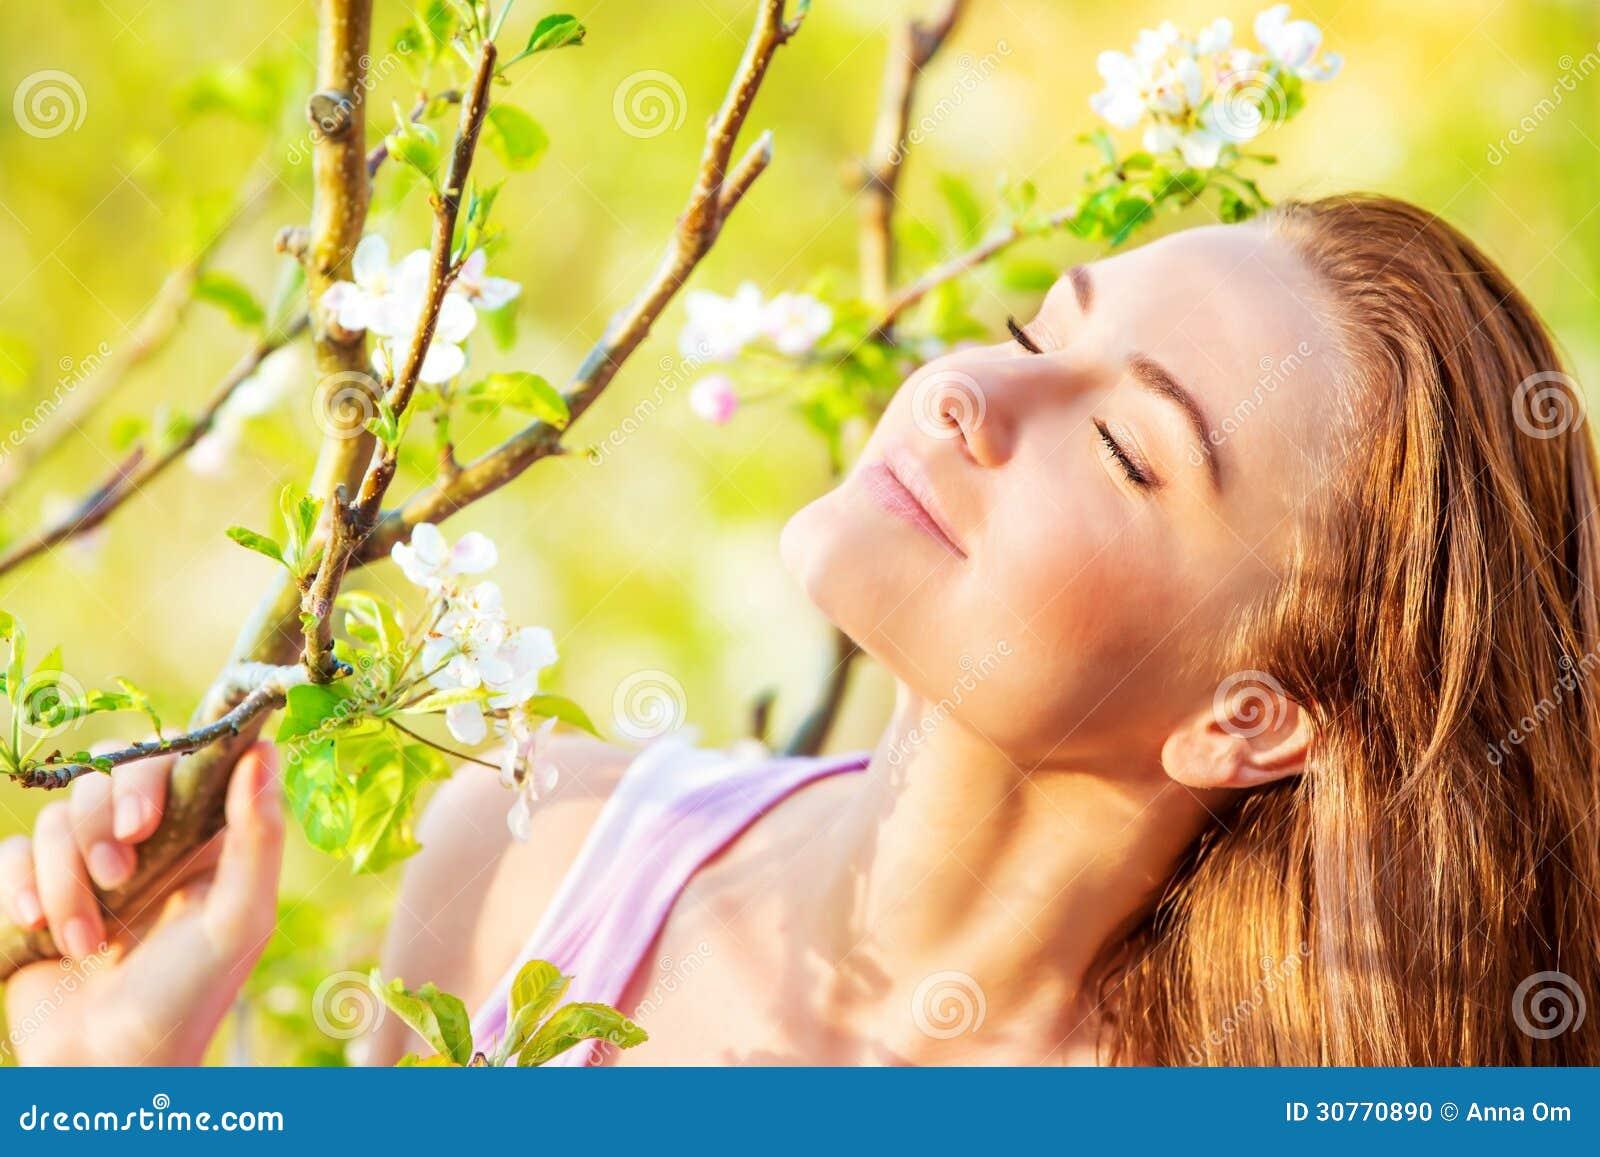 Природа удовольствие женщина видео